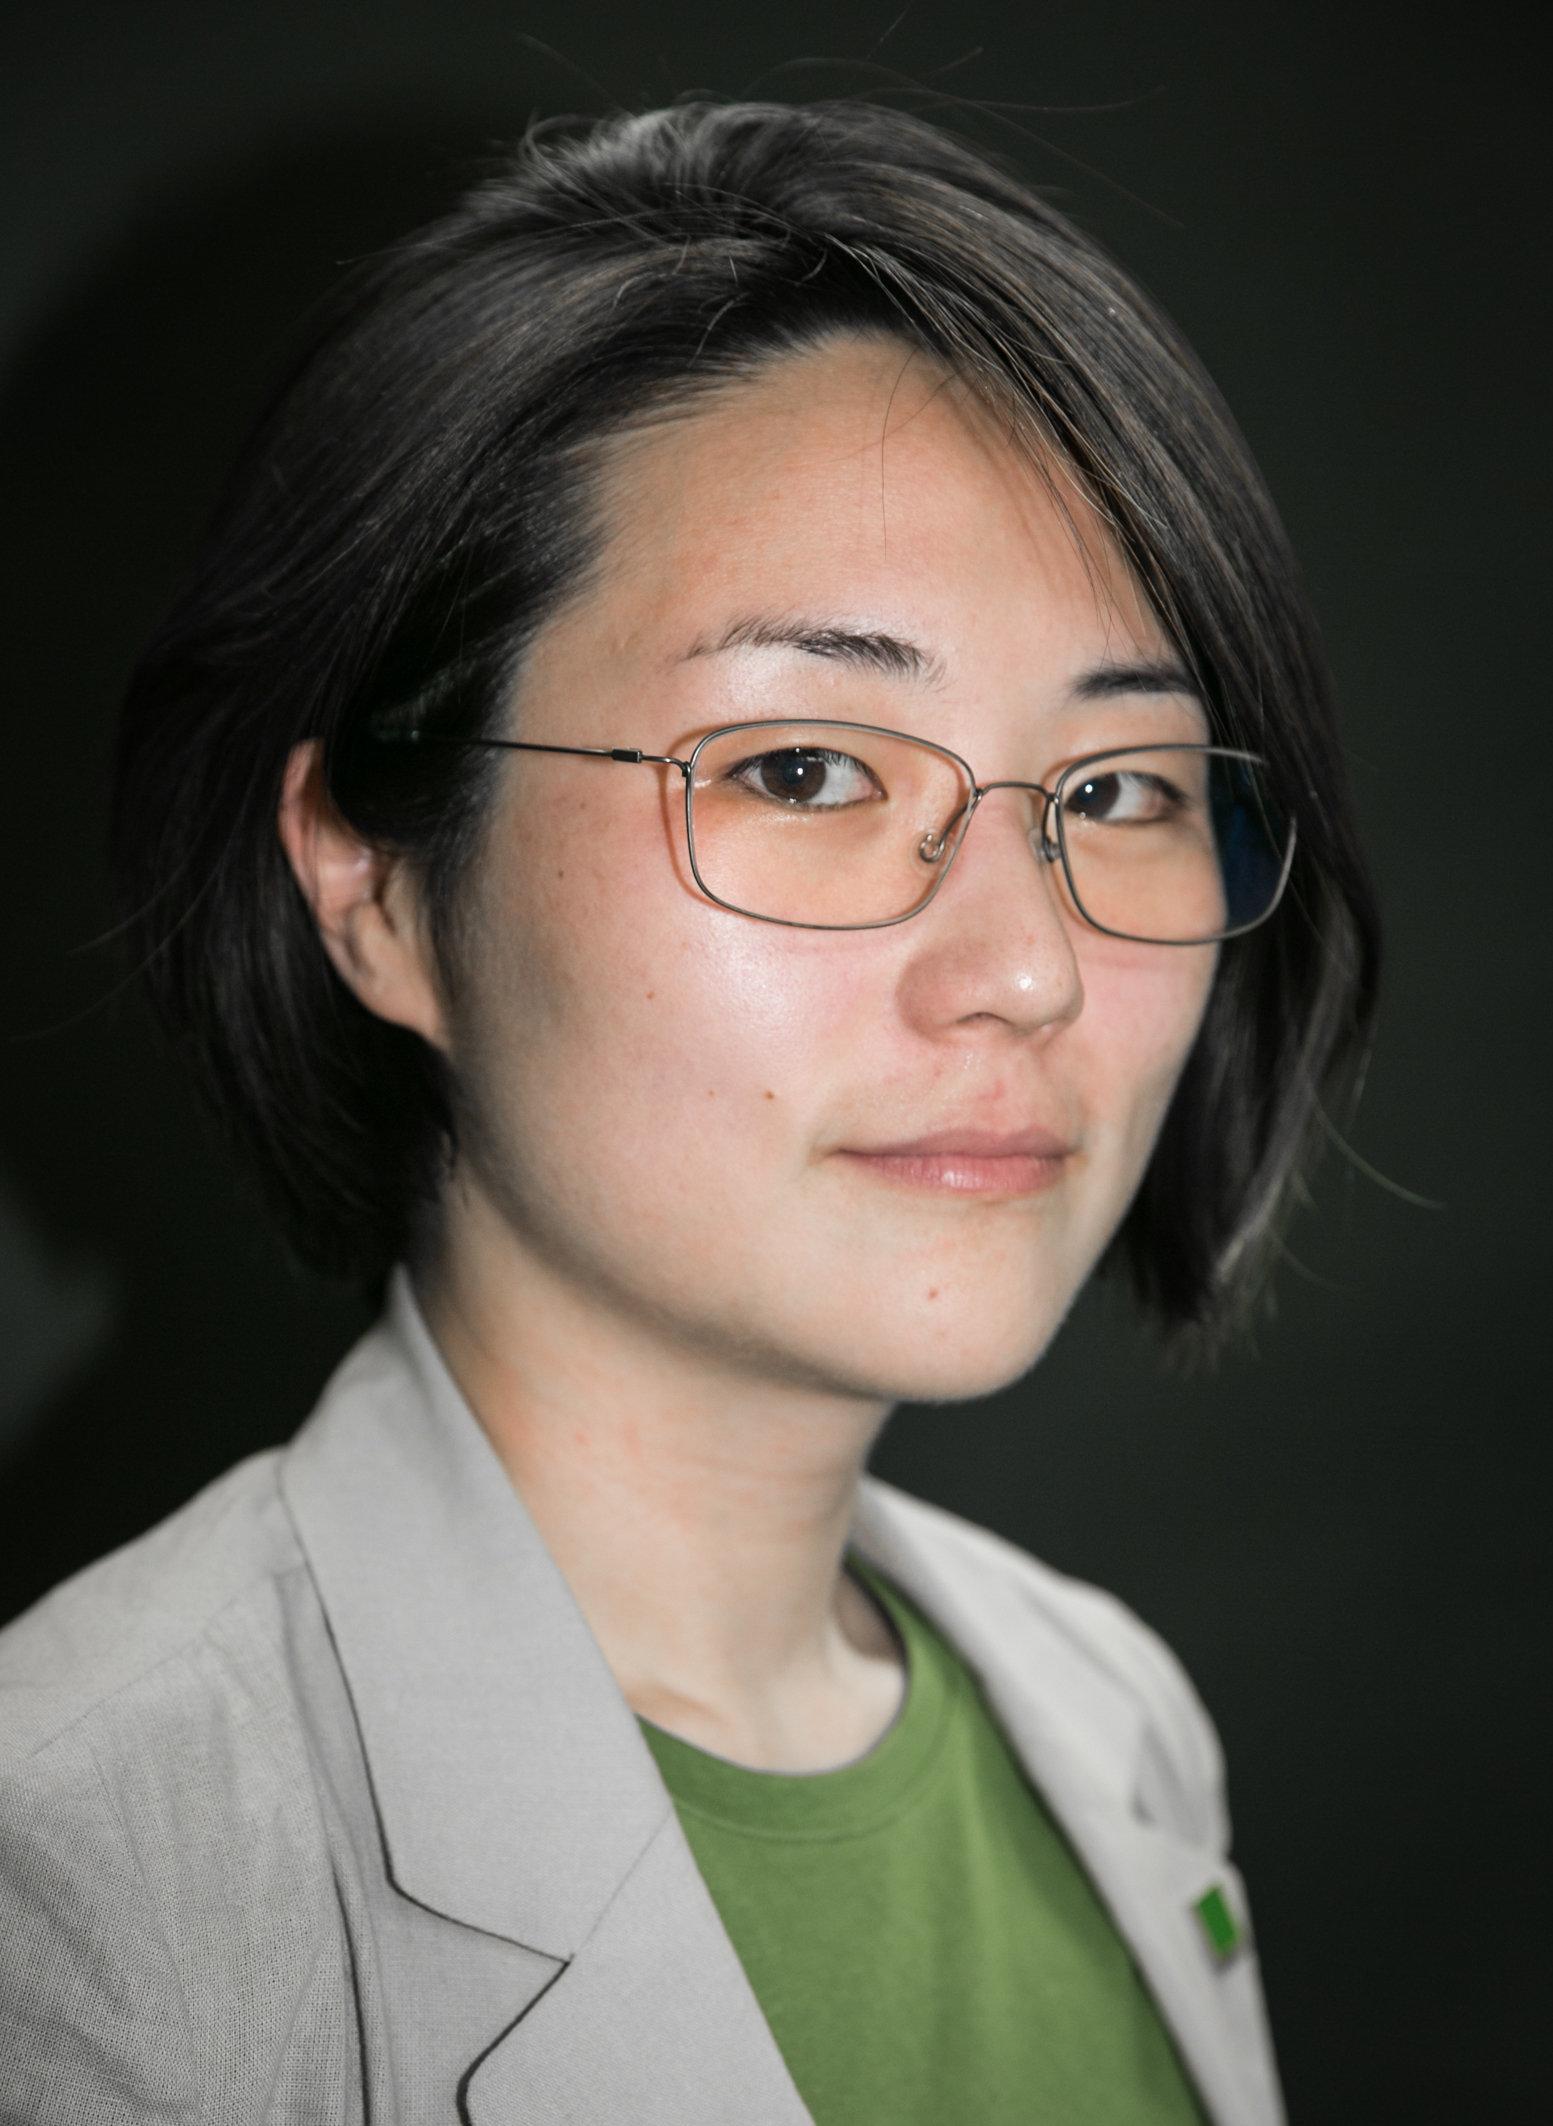 여아 낙태 극심했던 1990년생: '최초의 페미니스트 서울시장 후보'를 만났다 (인터뷰)